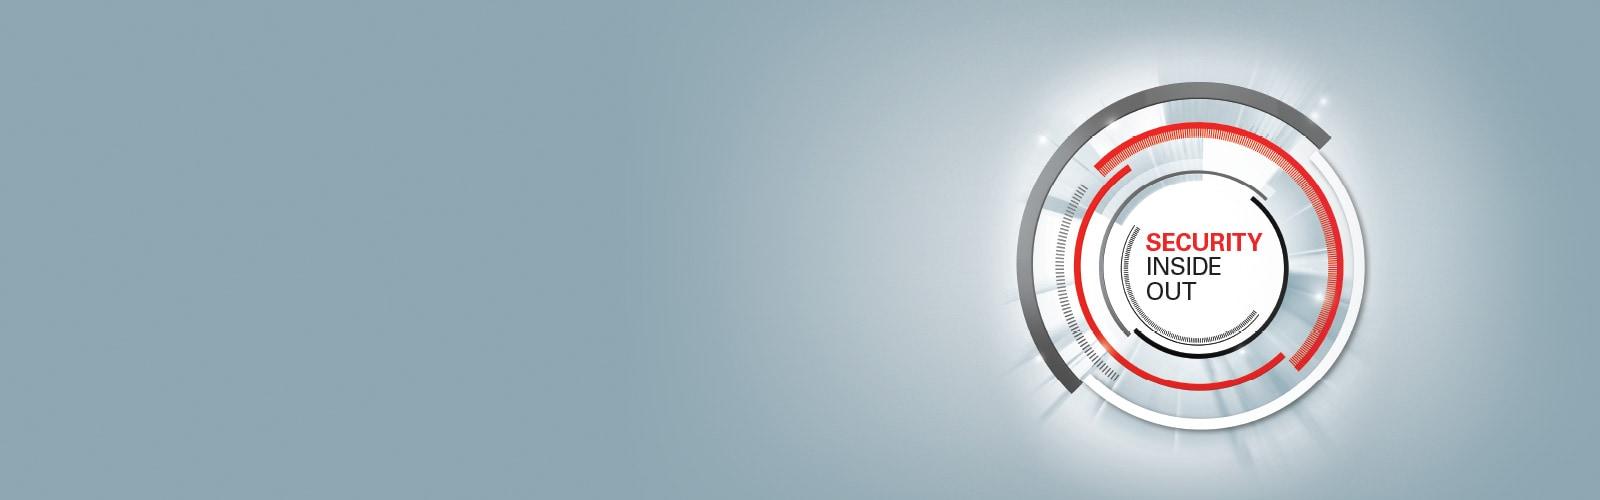 Интегрированные технологии Oracle по безопасности